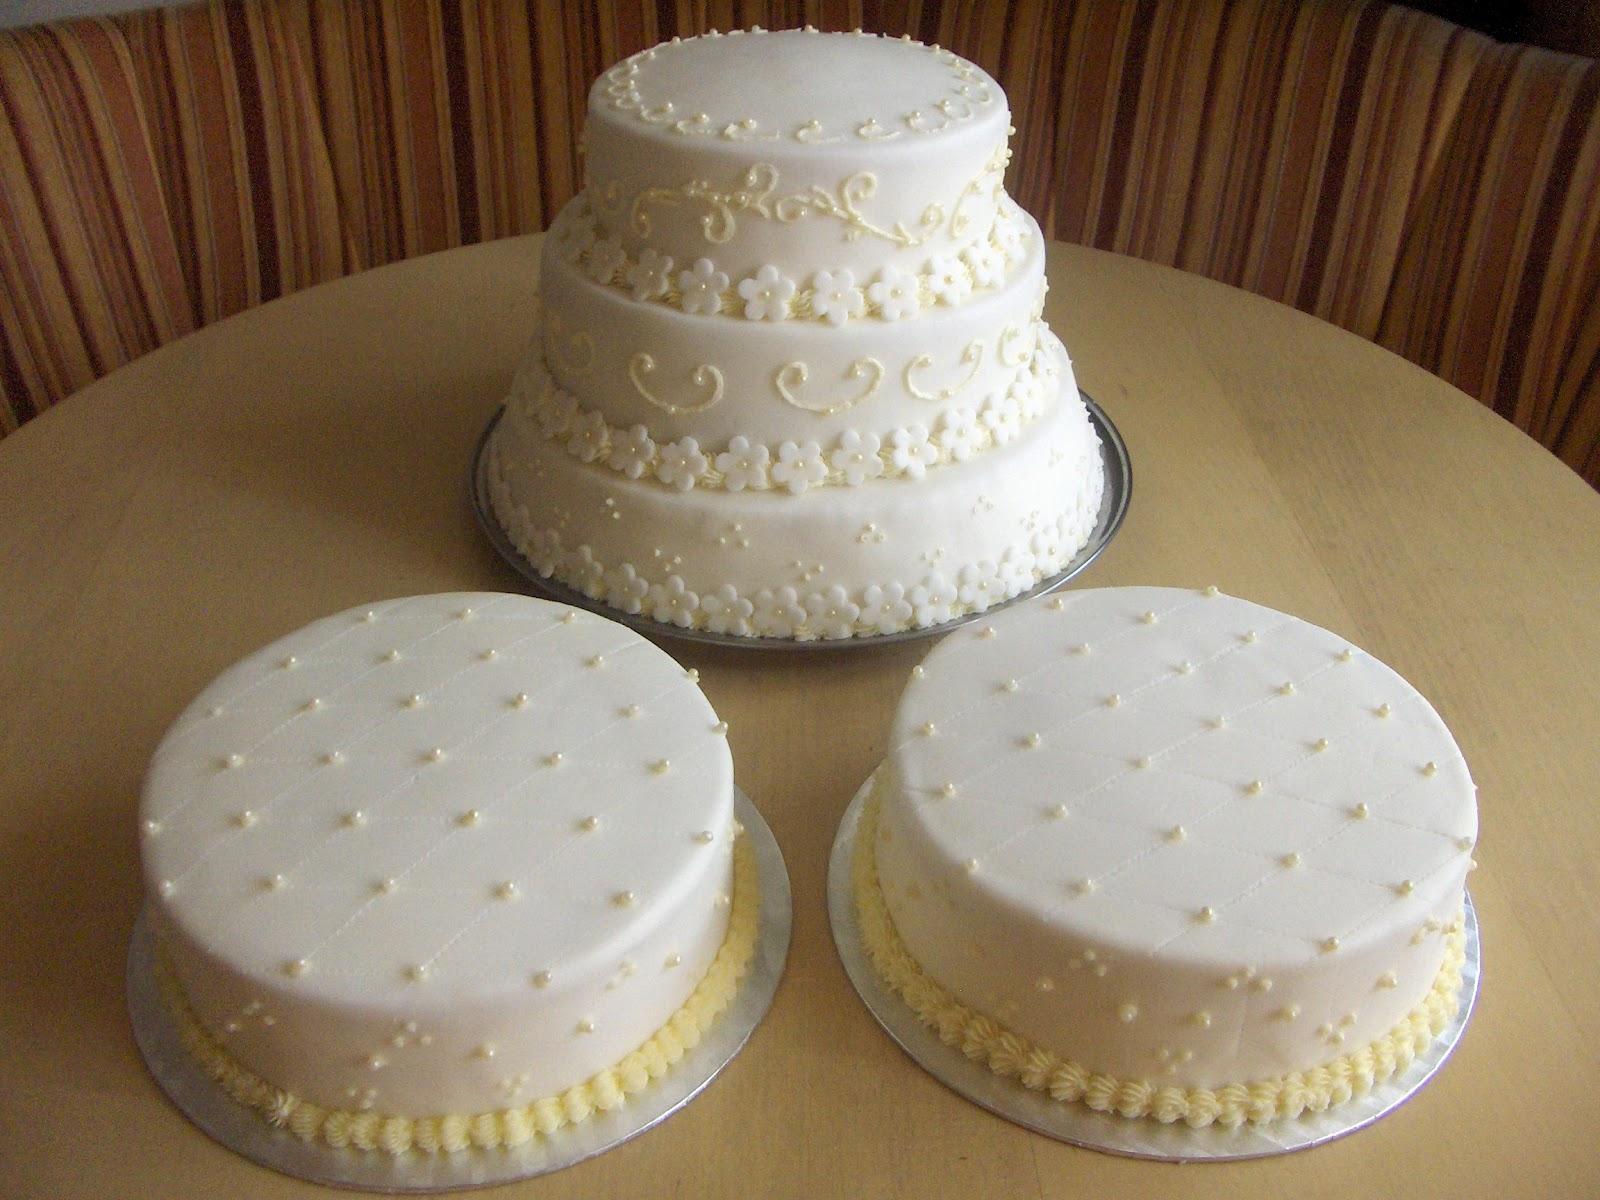 egyszerű esküvői torta Marka boszikonyhája: Torták 3. rész egyszerű esküvői torta